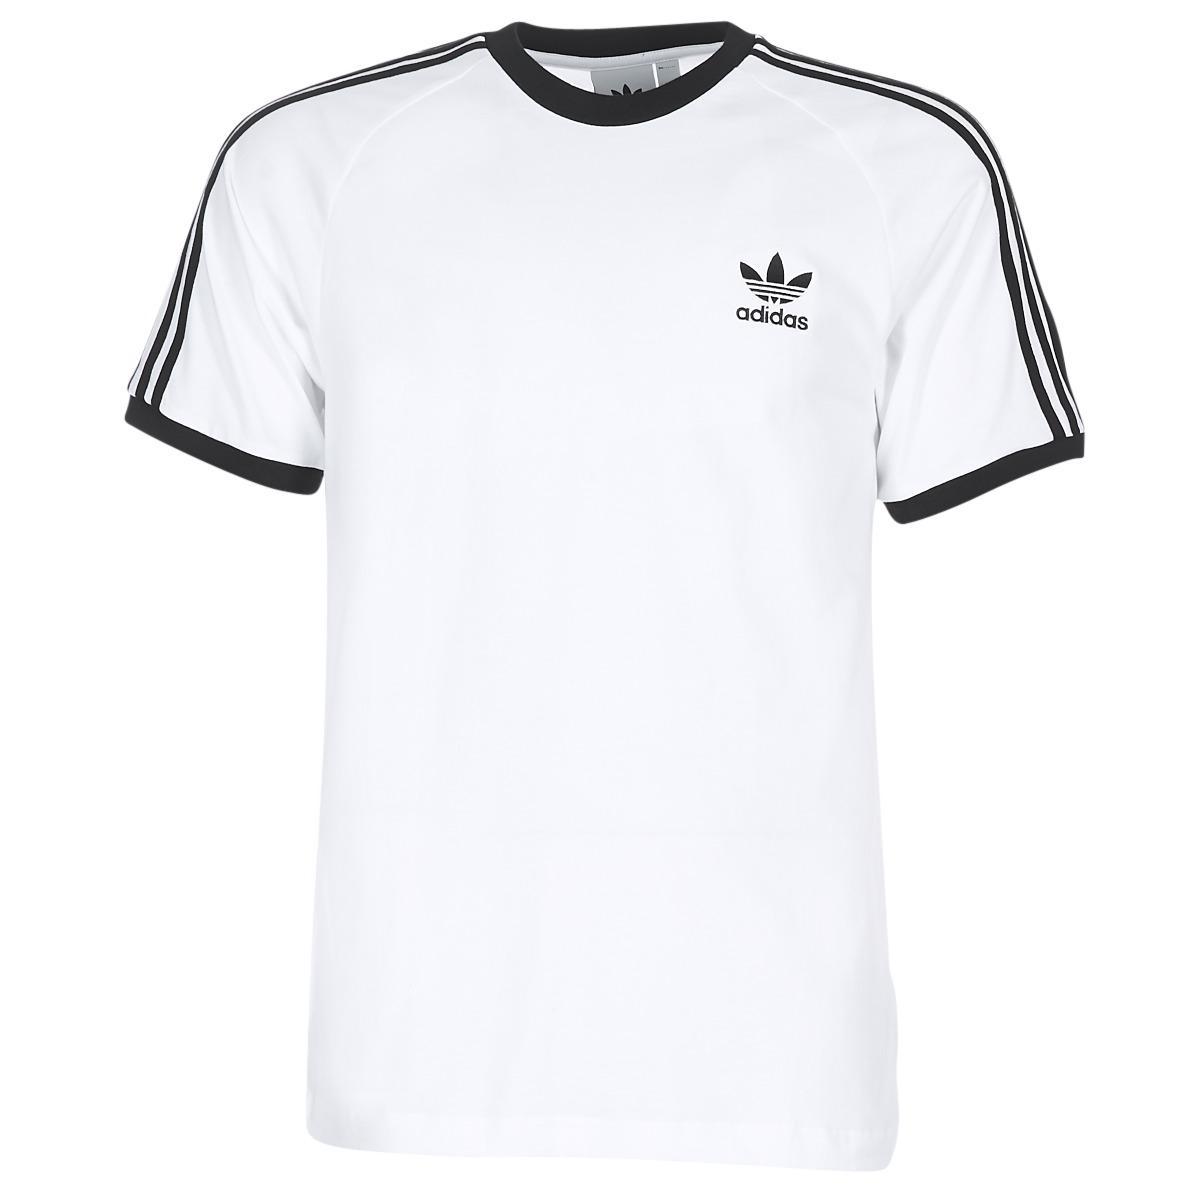 5cf17a84 Adidas Originals Retro 3 Stripes T-shirt White,california .